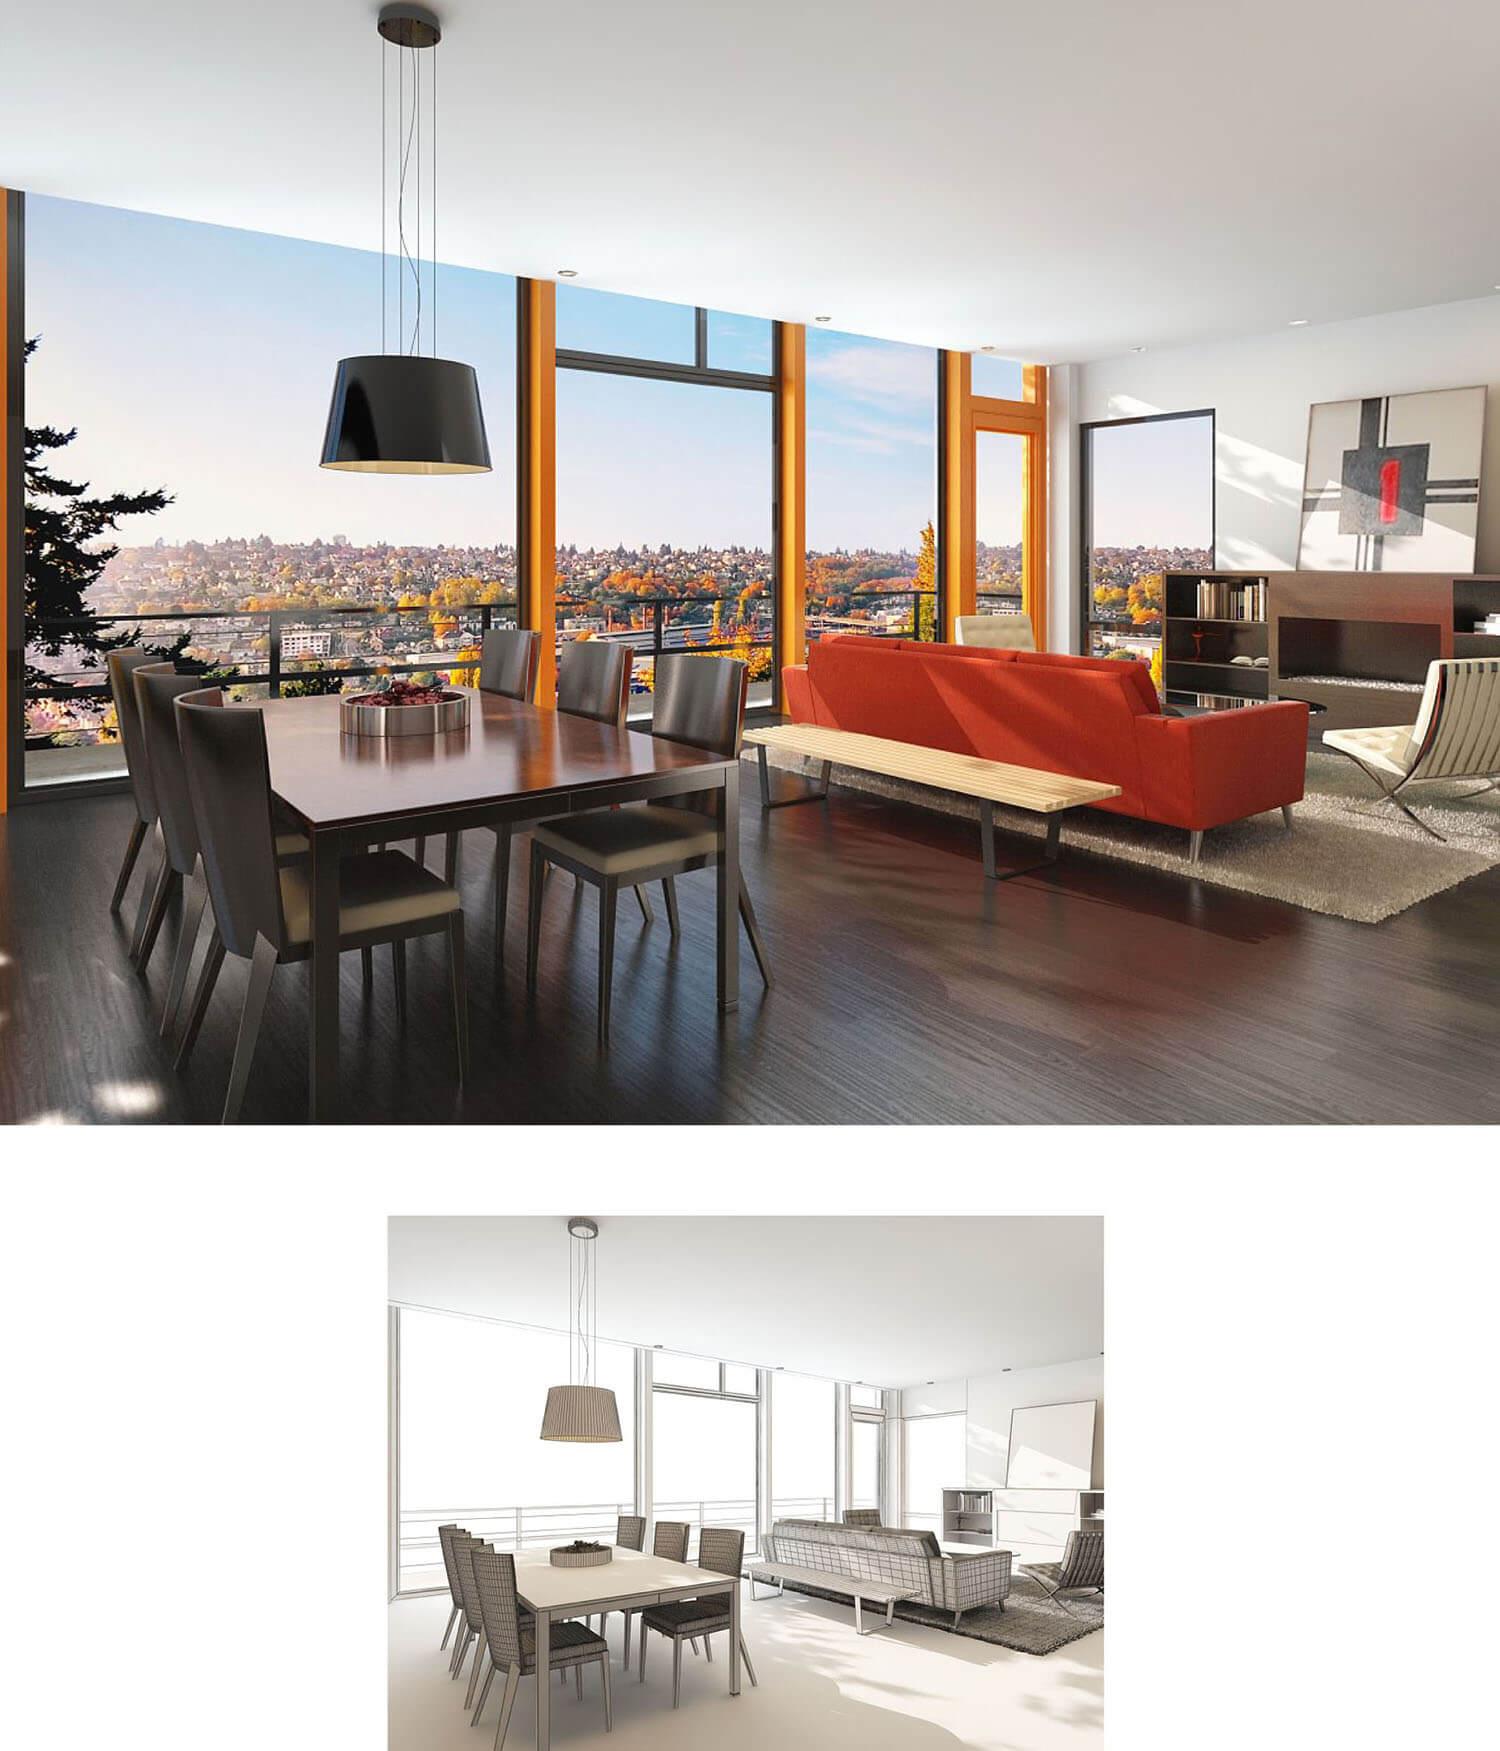 Thiết kế phòng khách trên nhà cao tầng với vách kính lớn